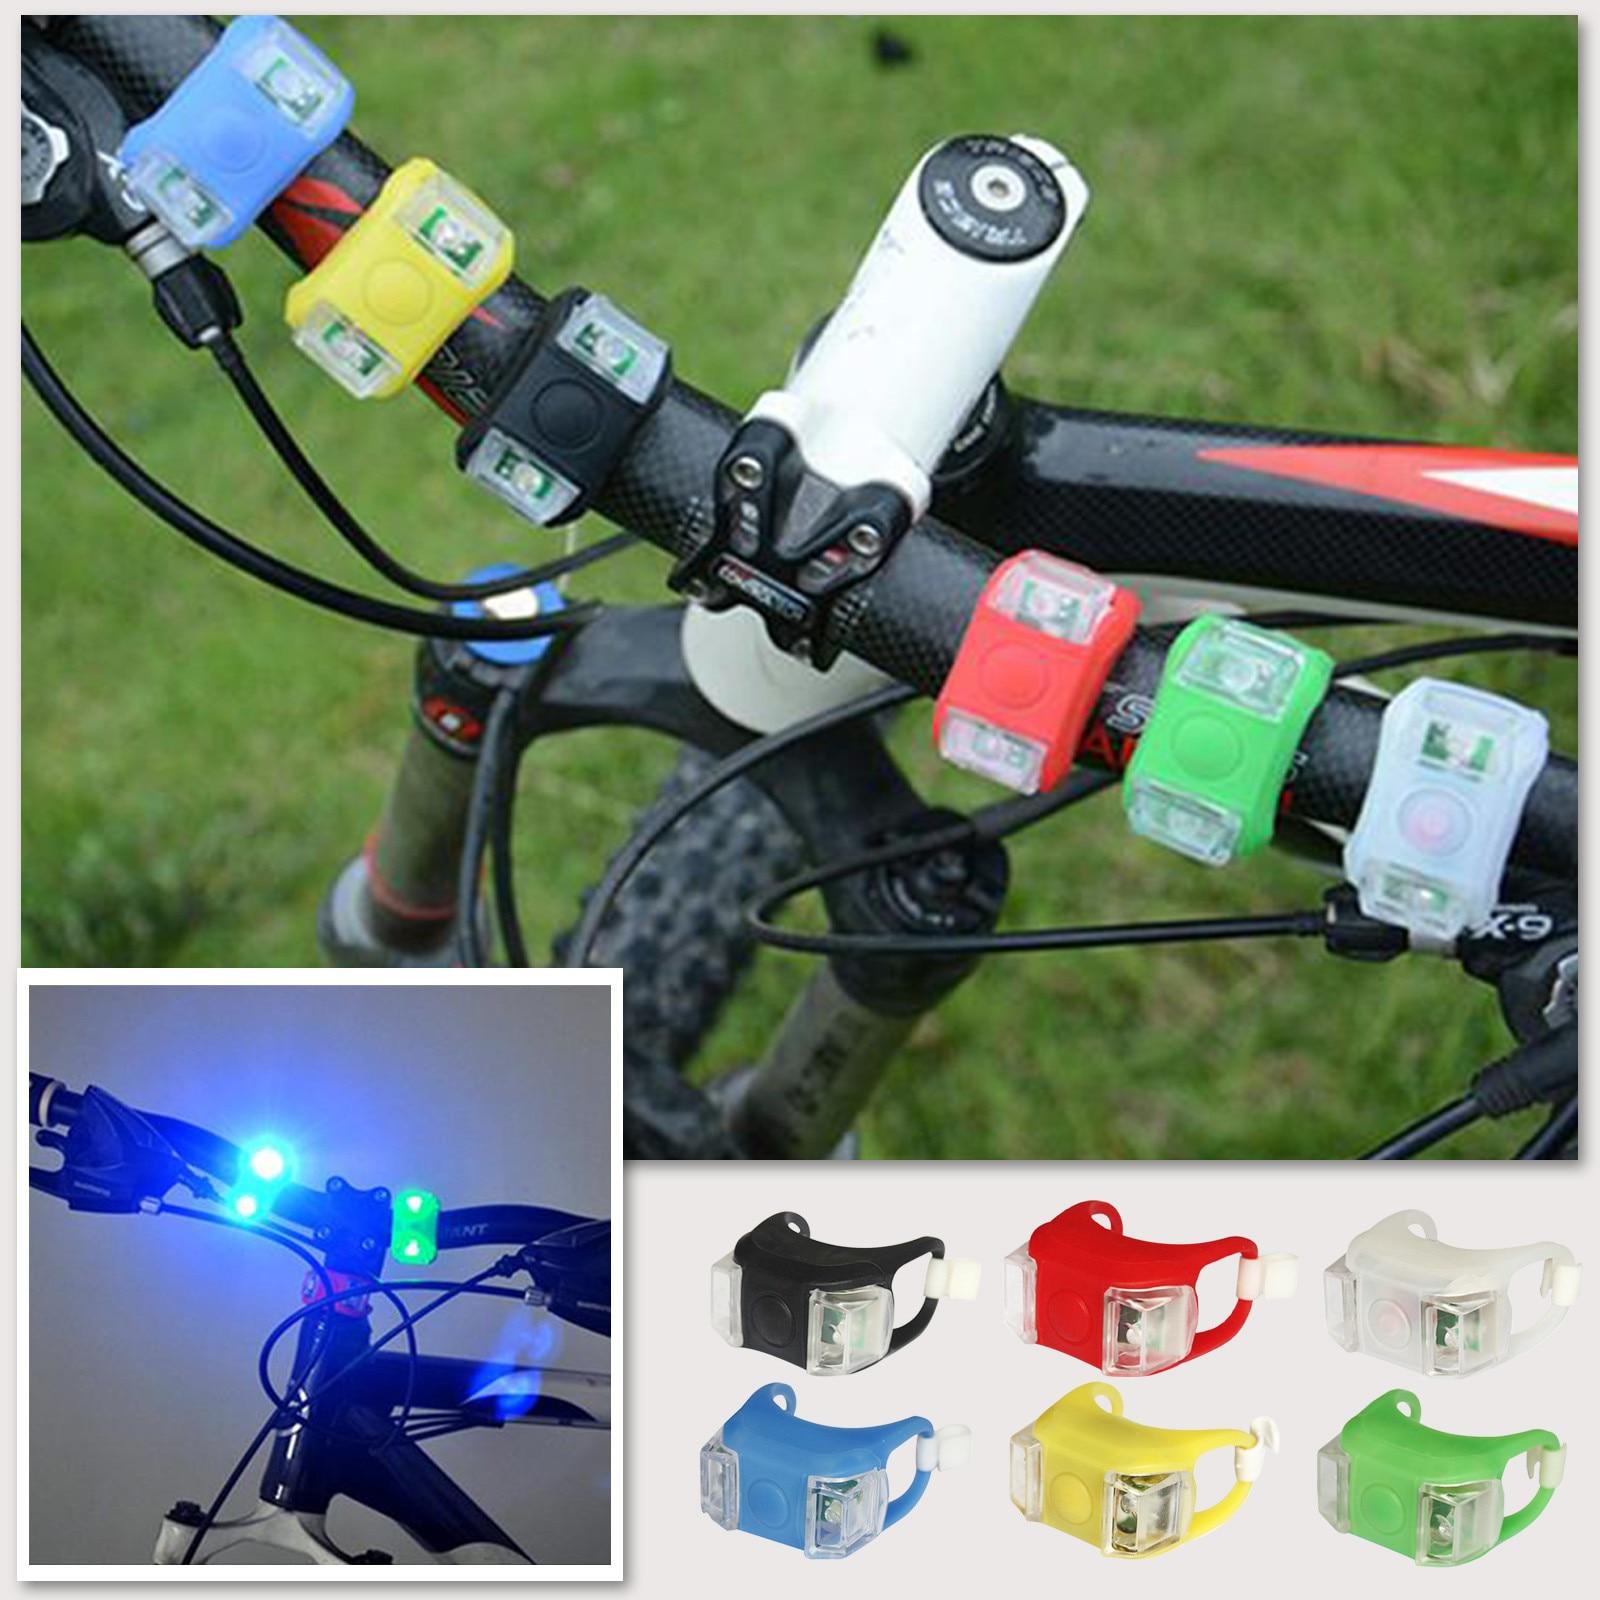 Luces Led Binocular para bicicleta de montaña, accesorios para bici